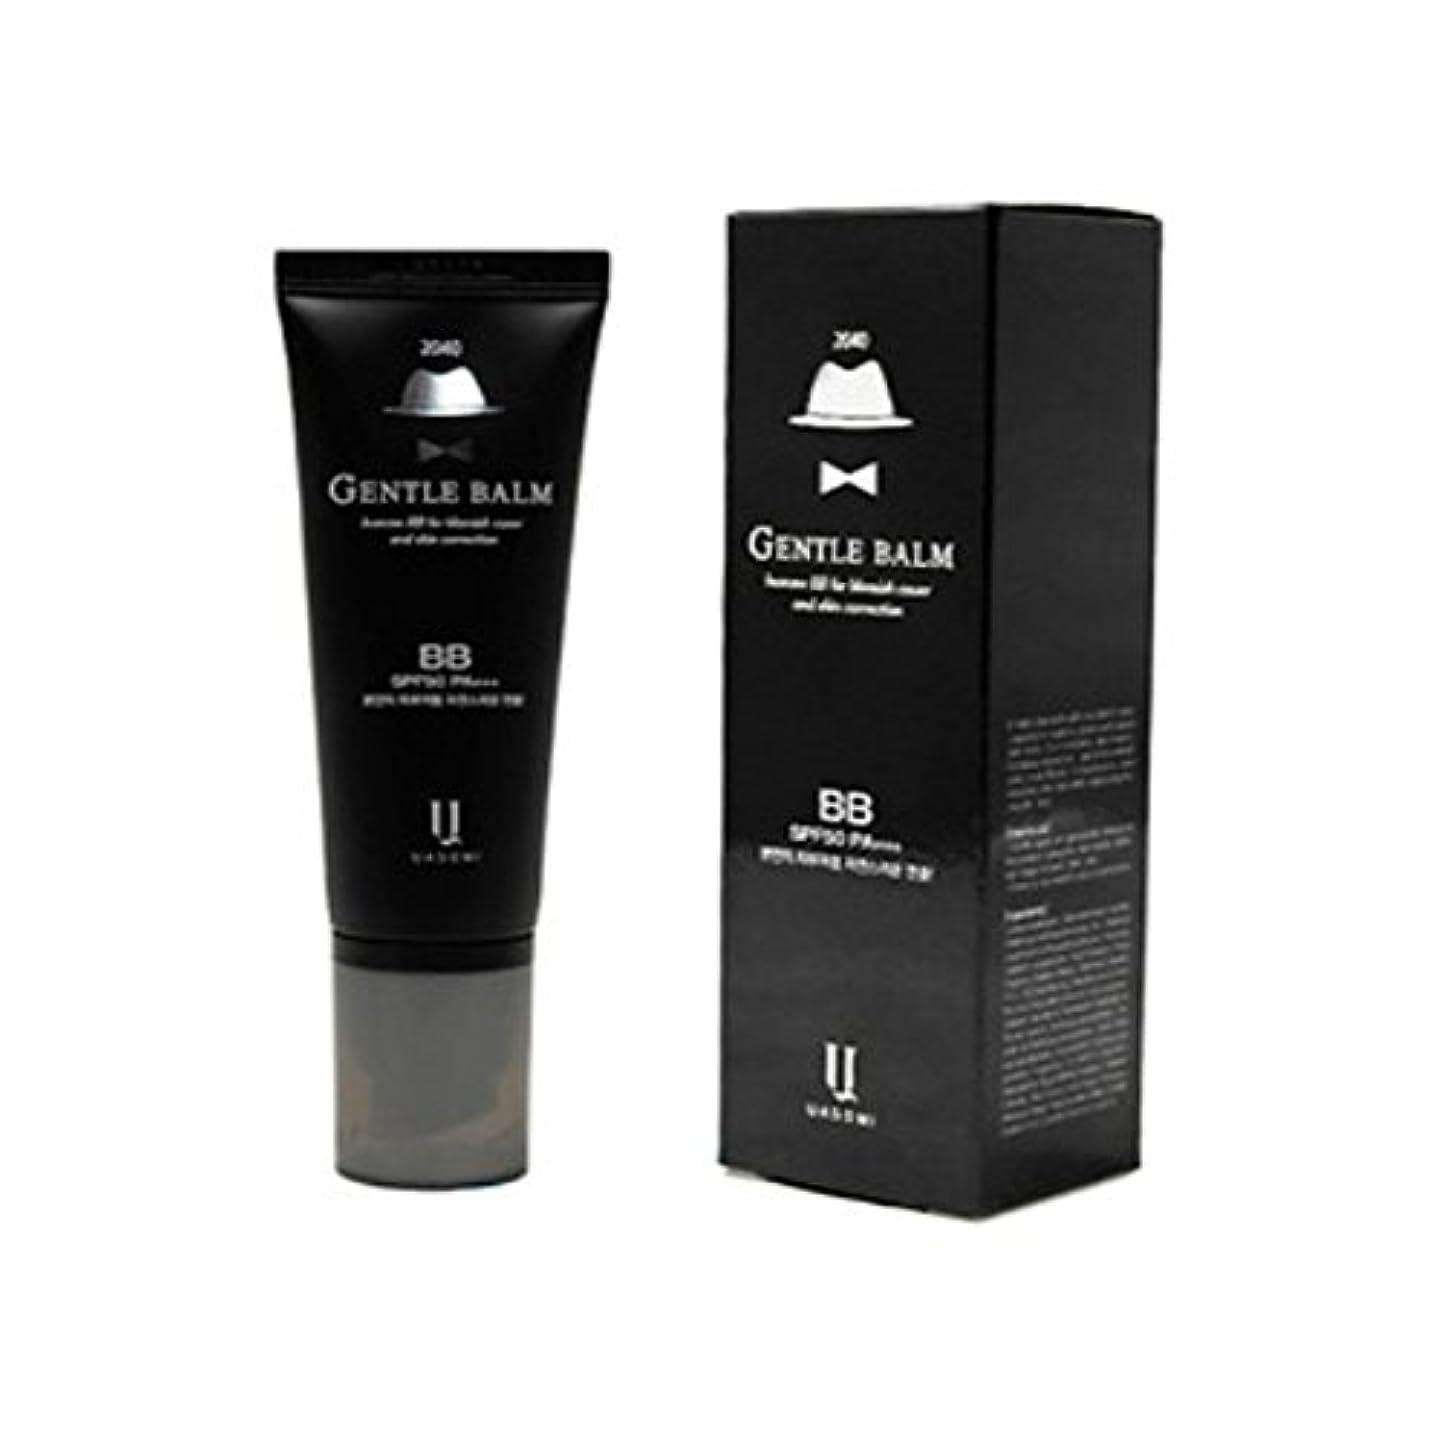 甘くする電子レンジ石の(男 BB クリーム 韓国 日焼け止め) homme 2040 BB for blemish cover and skin correction korea beauty Gentle bam SFP50 PA+++